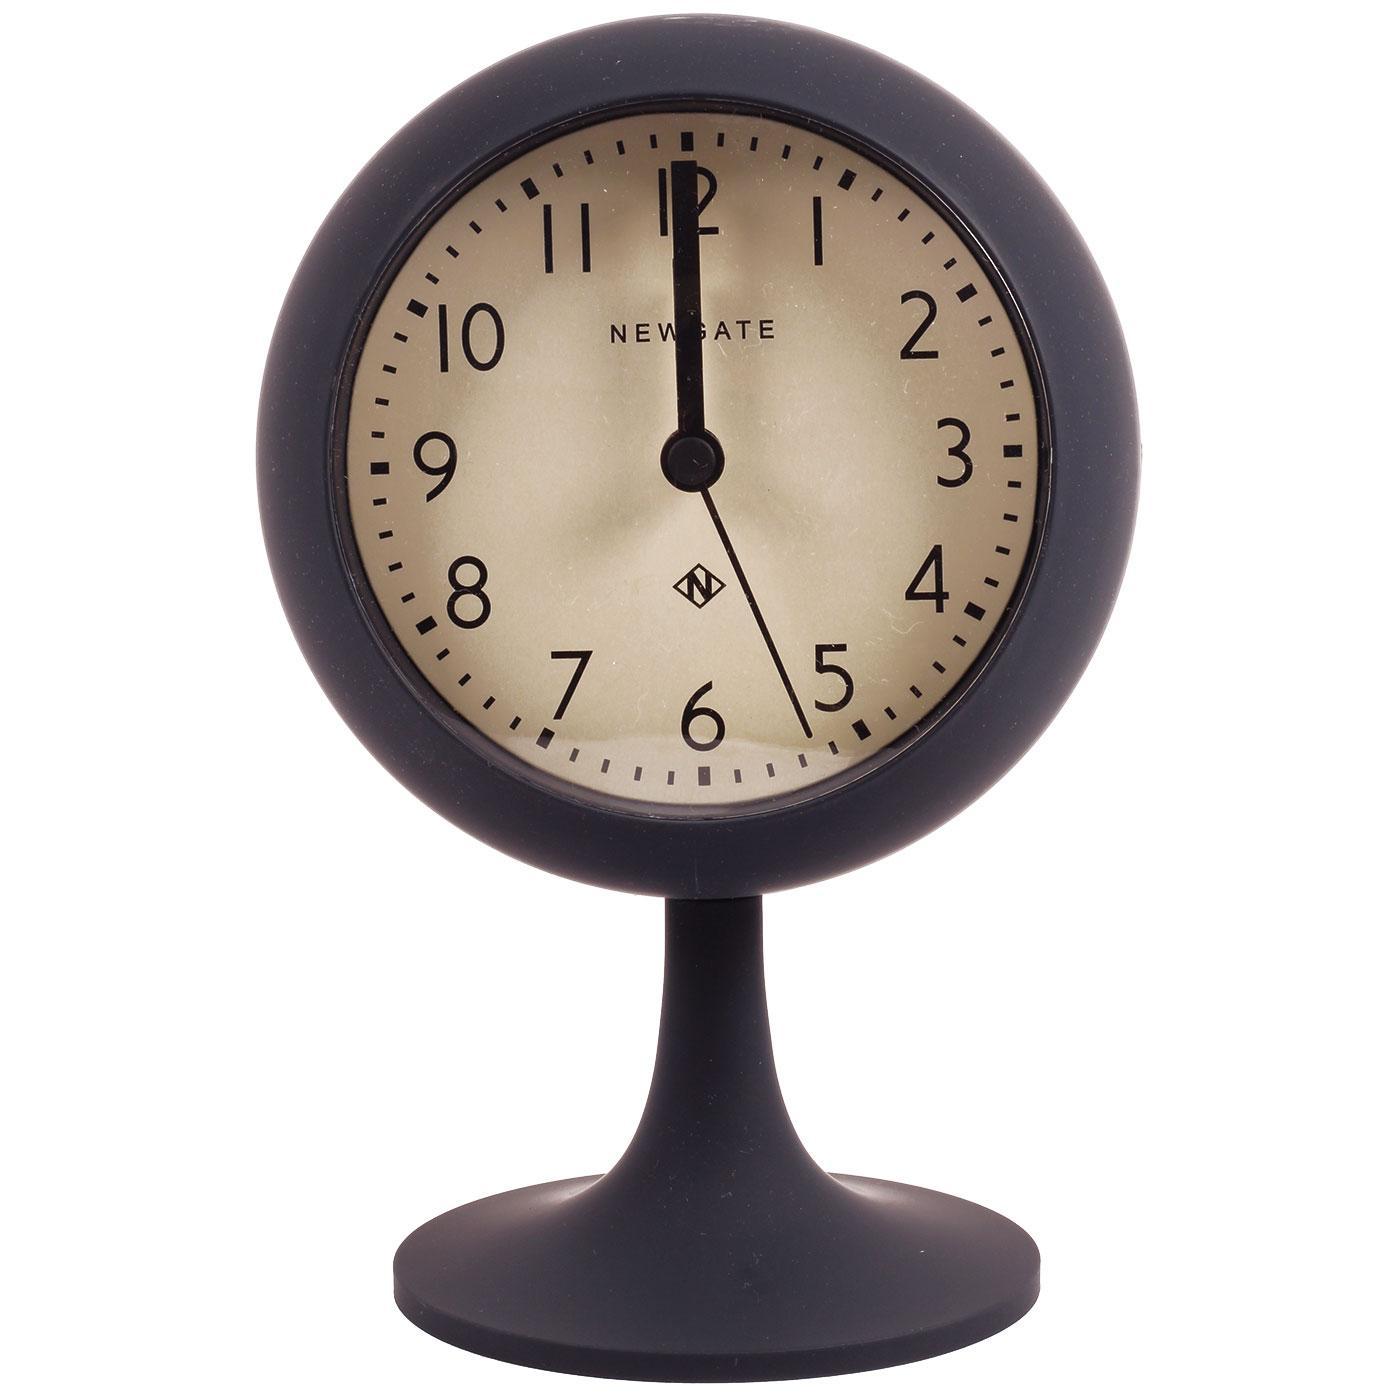 NEWGATE Retro Dome Alarm Clock Petrol w/Cream Dial